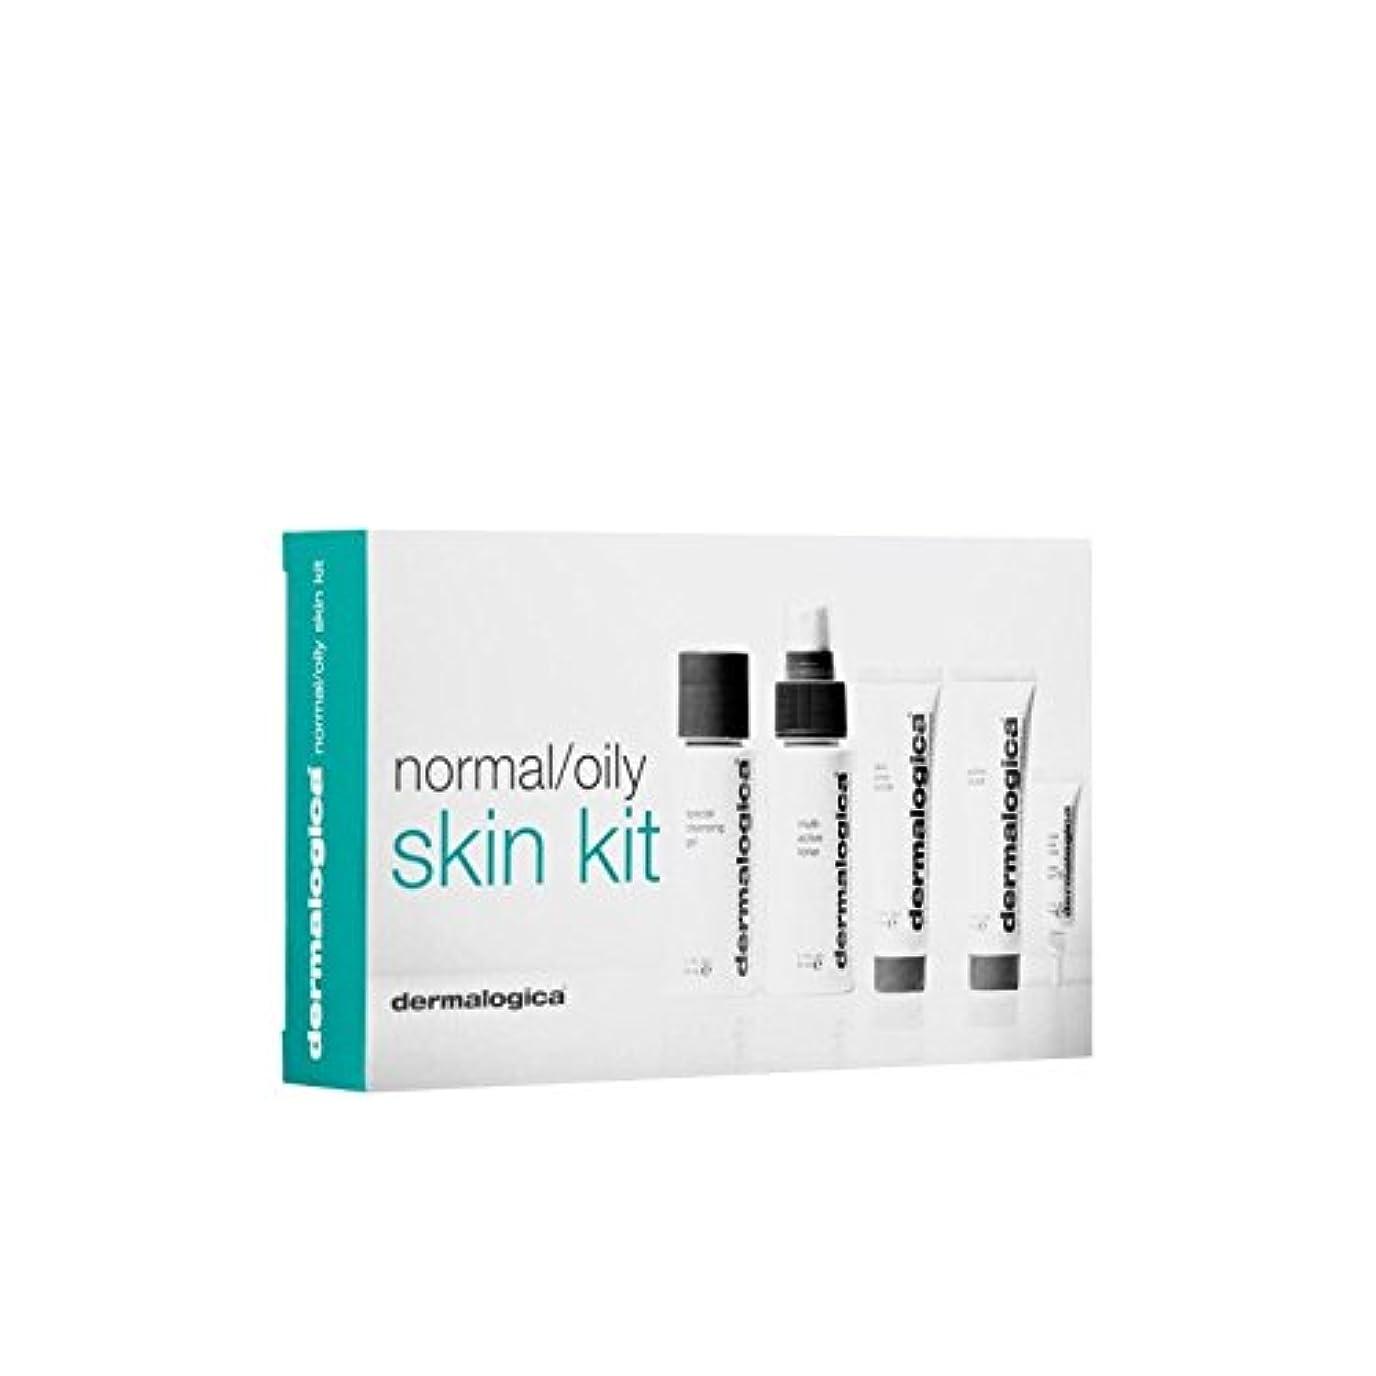 ポータル影成功したDermalogica Skin Kit - Normal/Oily (5 Products) (Pack of 6) - ダーマロジカスキンキット - ノーマル/オイリー(5製品) x6 [並行輸入品]